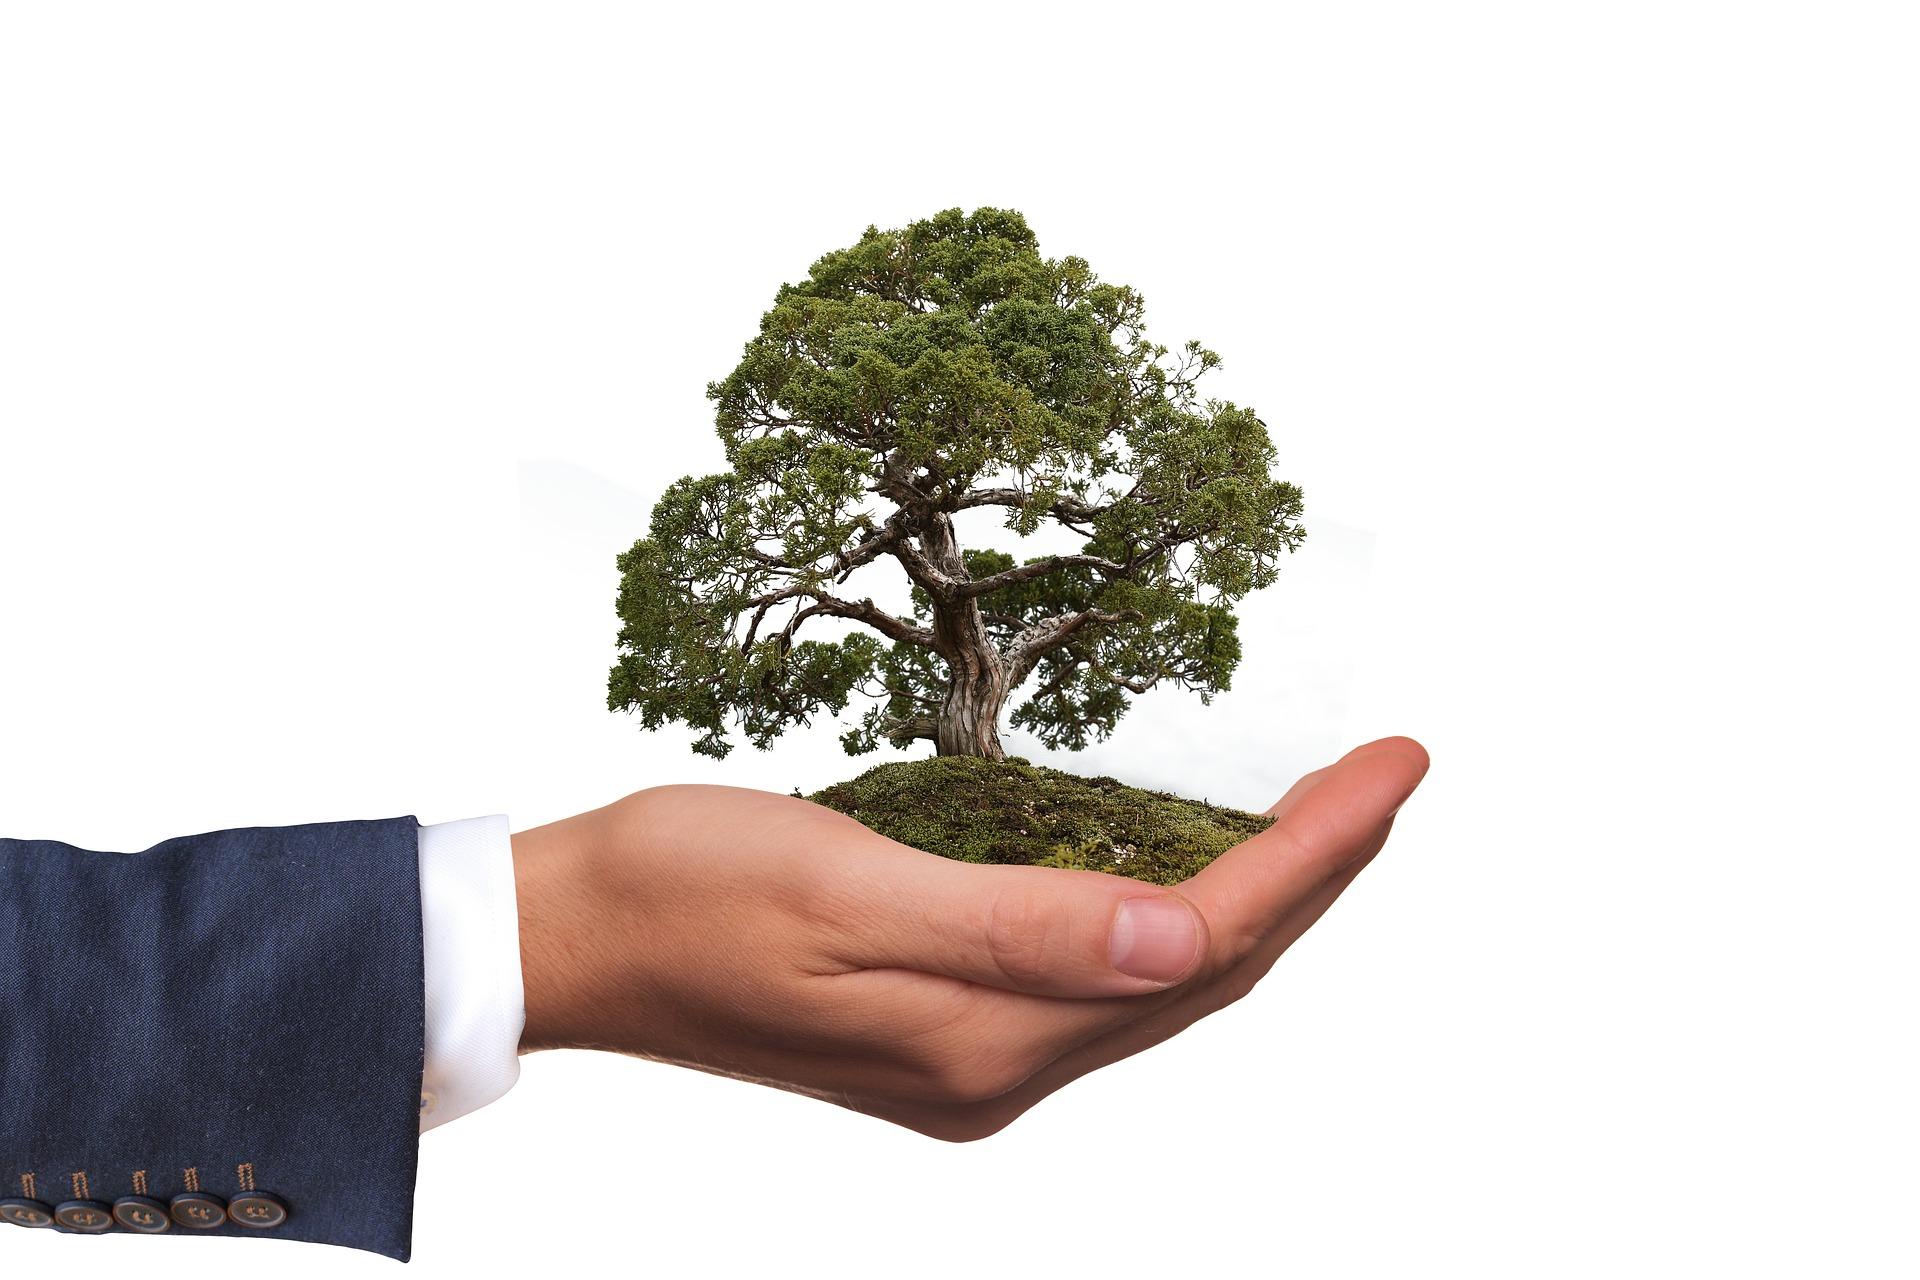 Processos que ajudam na preservação do meio ambiente